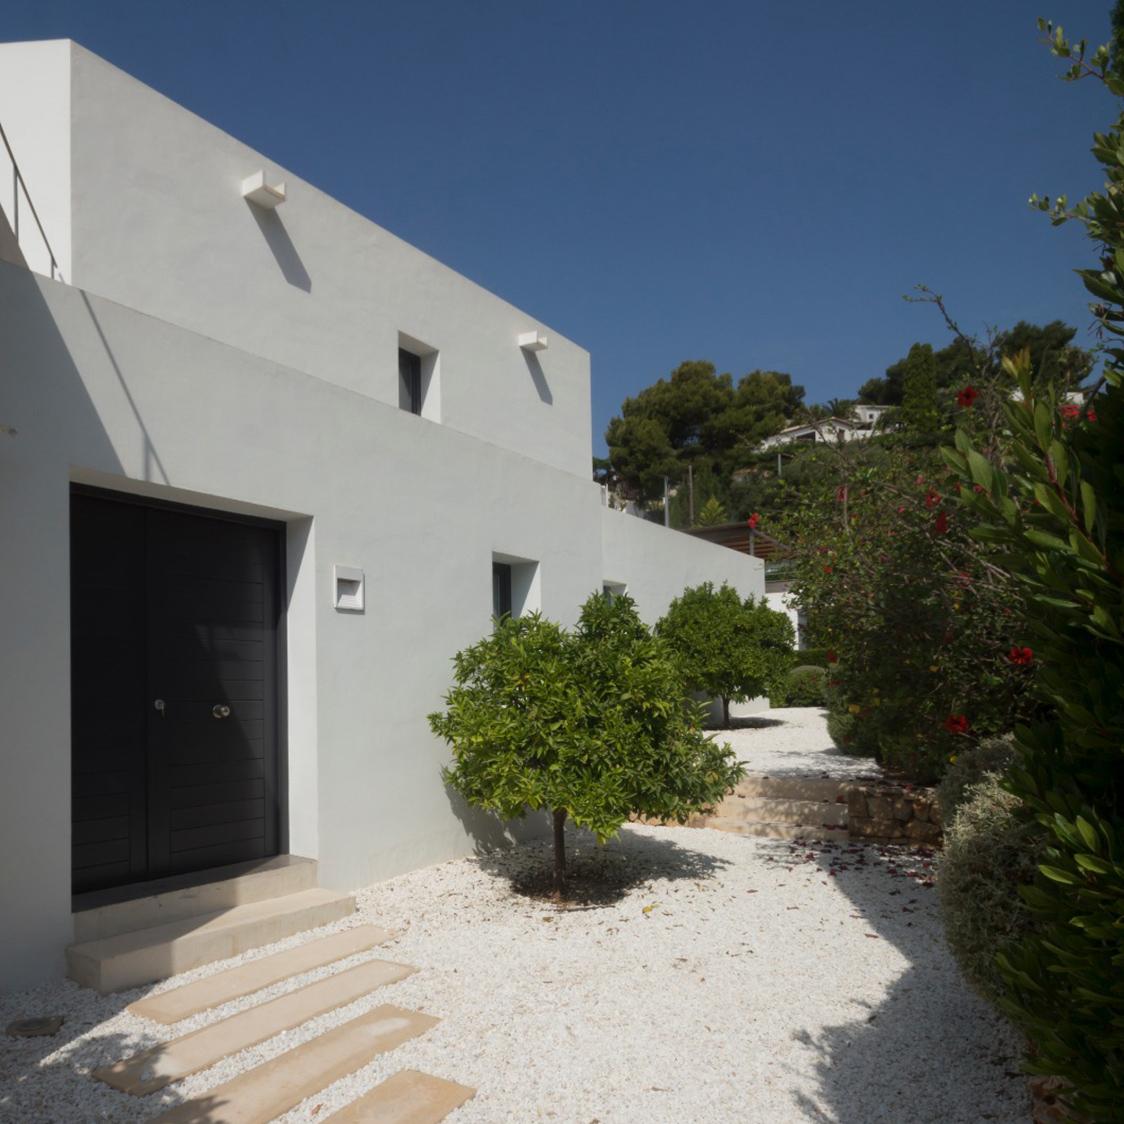 Minimalistisches Landhaus im Mediterranen Stil